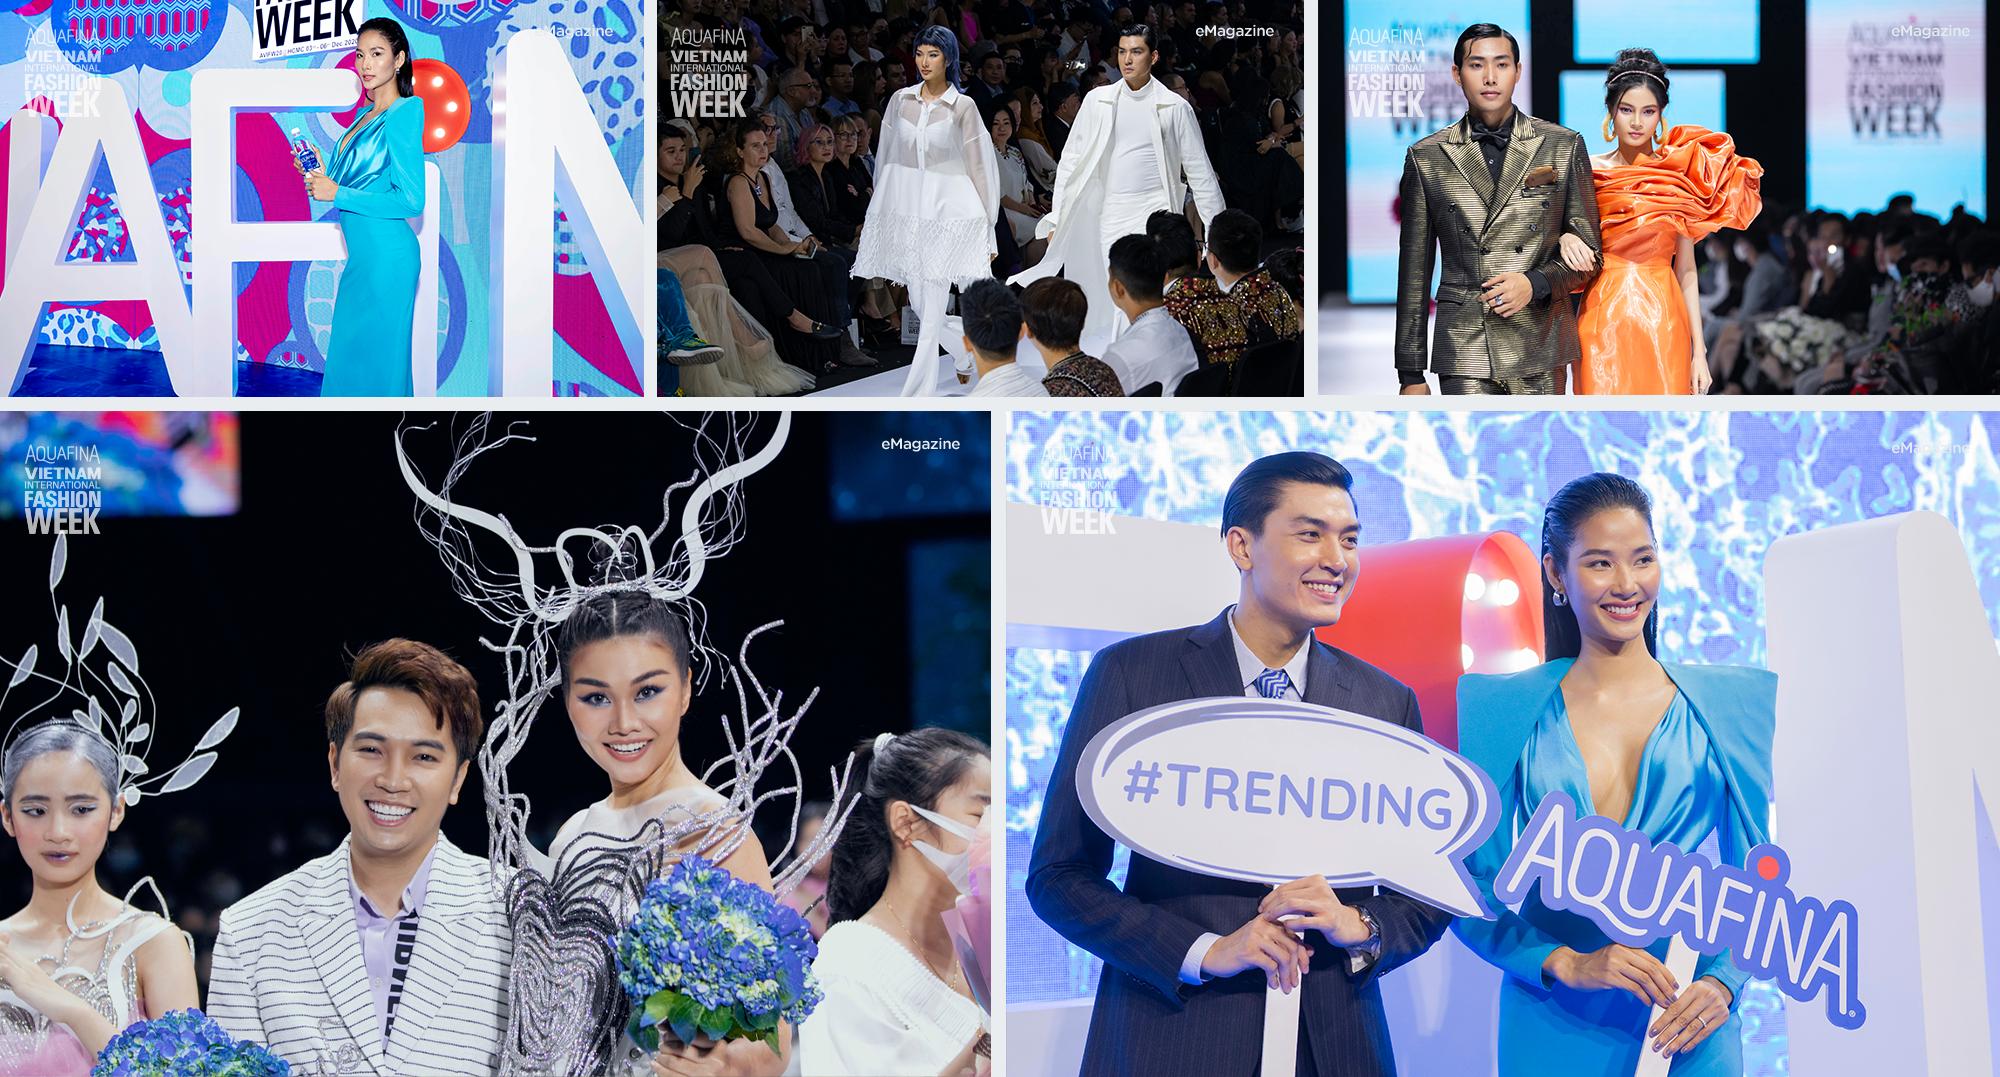 """2020: Khi các kinh đô thế giới cũng phải tạm im tiếng thì dòng chảy thời trang Việt vẫn mãnh liệt khẳng định: """"Tương lai bắt đầu từ hôm nay!"""" - Ảnh 15."""